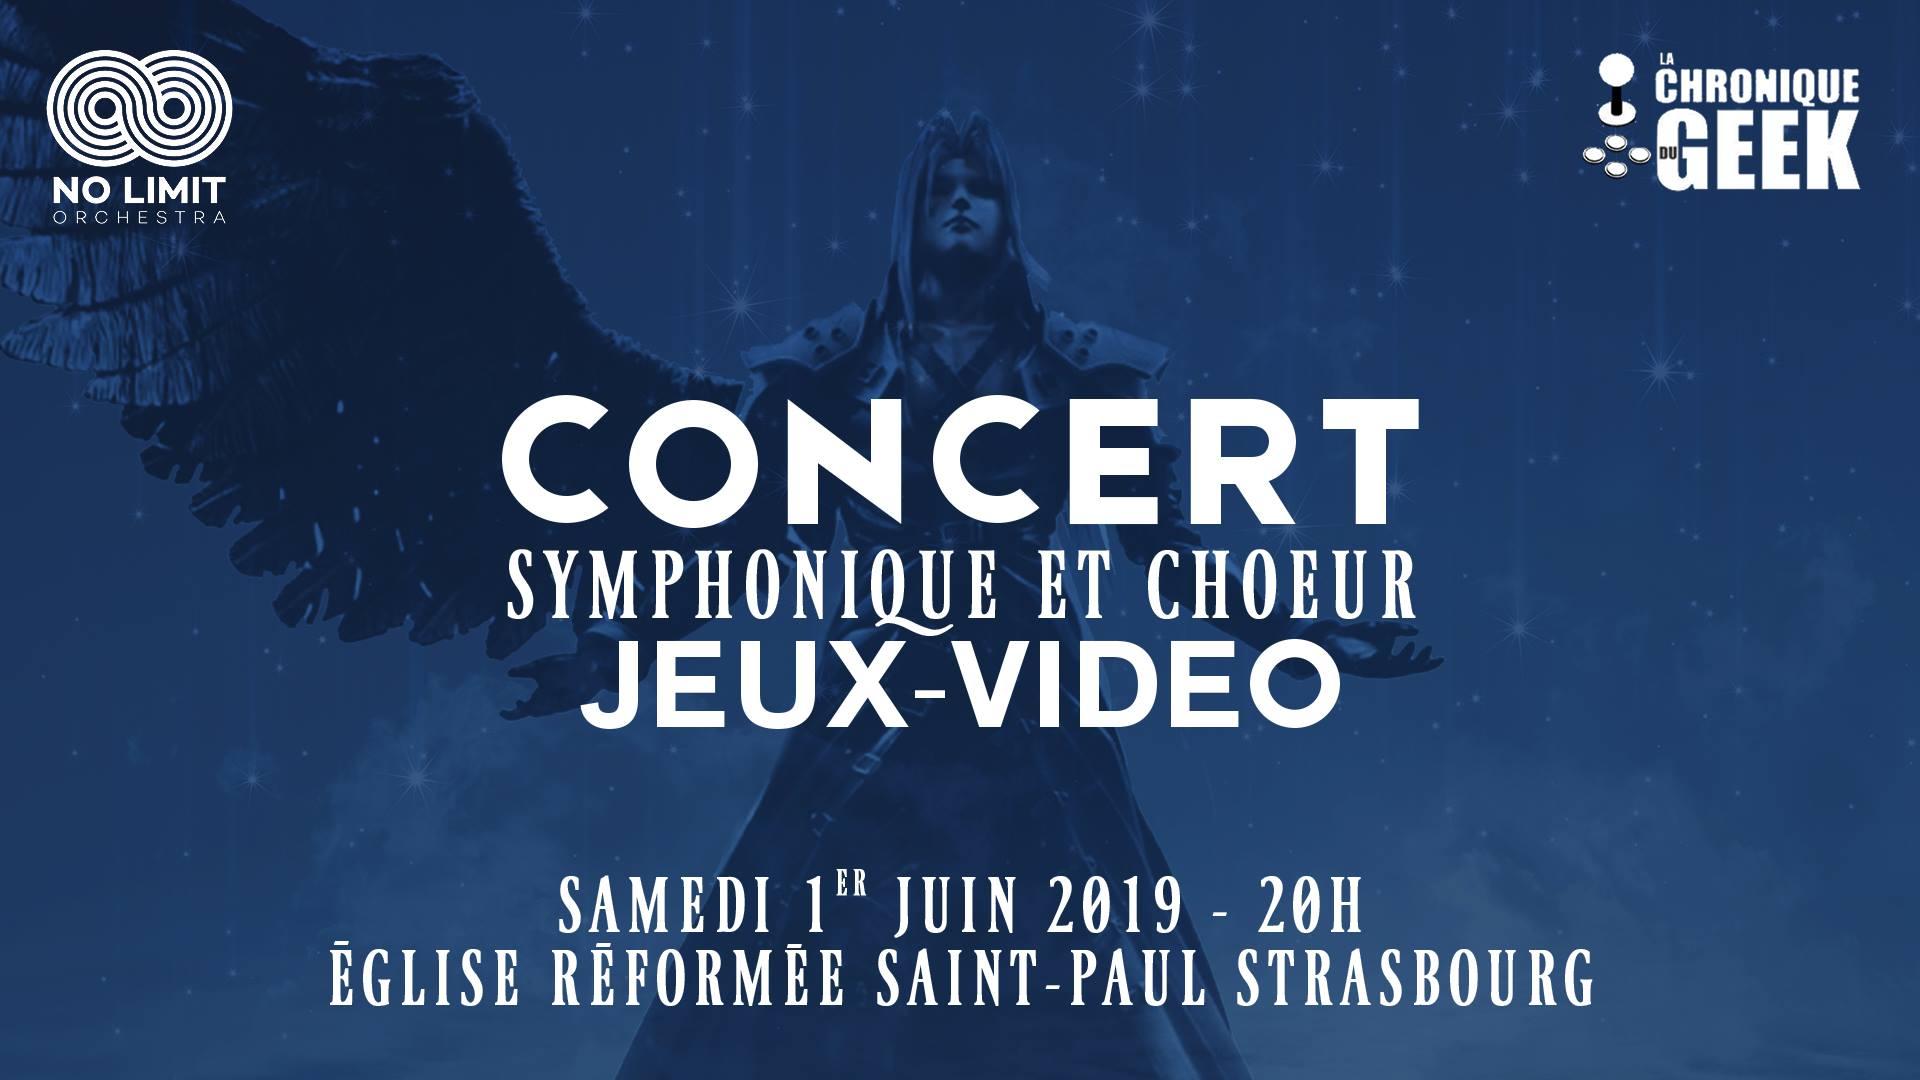 [ÉVÉNEMENT] Concert Symphonique et chœur jeux vidéo Nolimit Orchestra